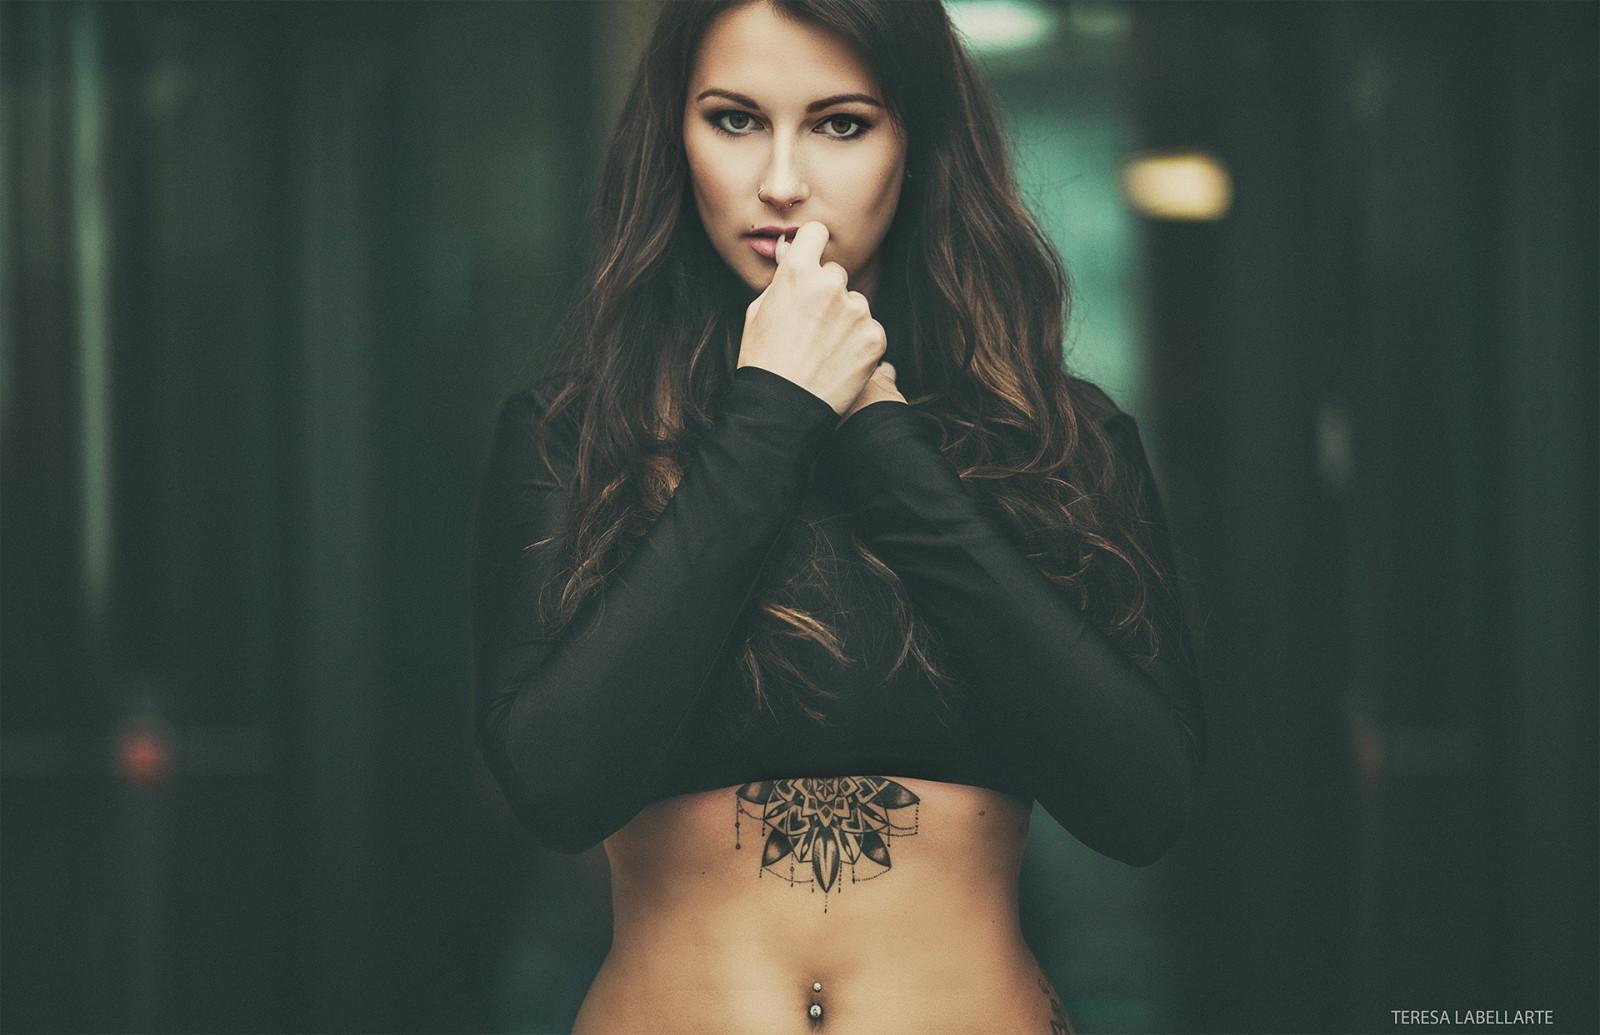 fond d u0026 39  u00e9cran   femmes  maquette  cheveux longs  brunette  la photographie  chanteur  tatouage